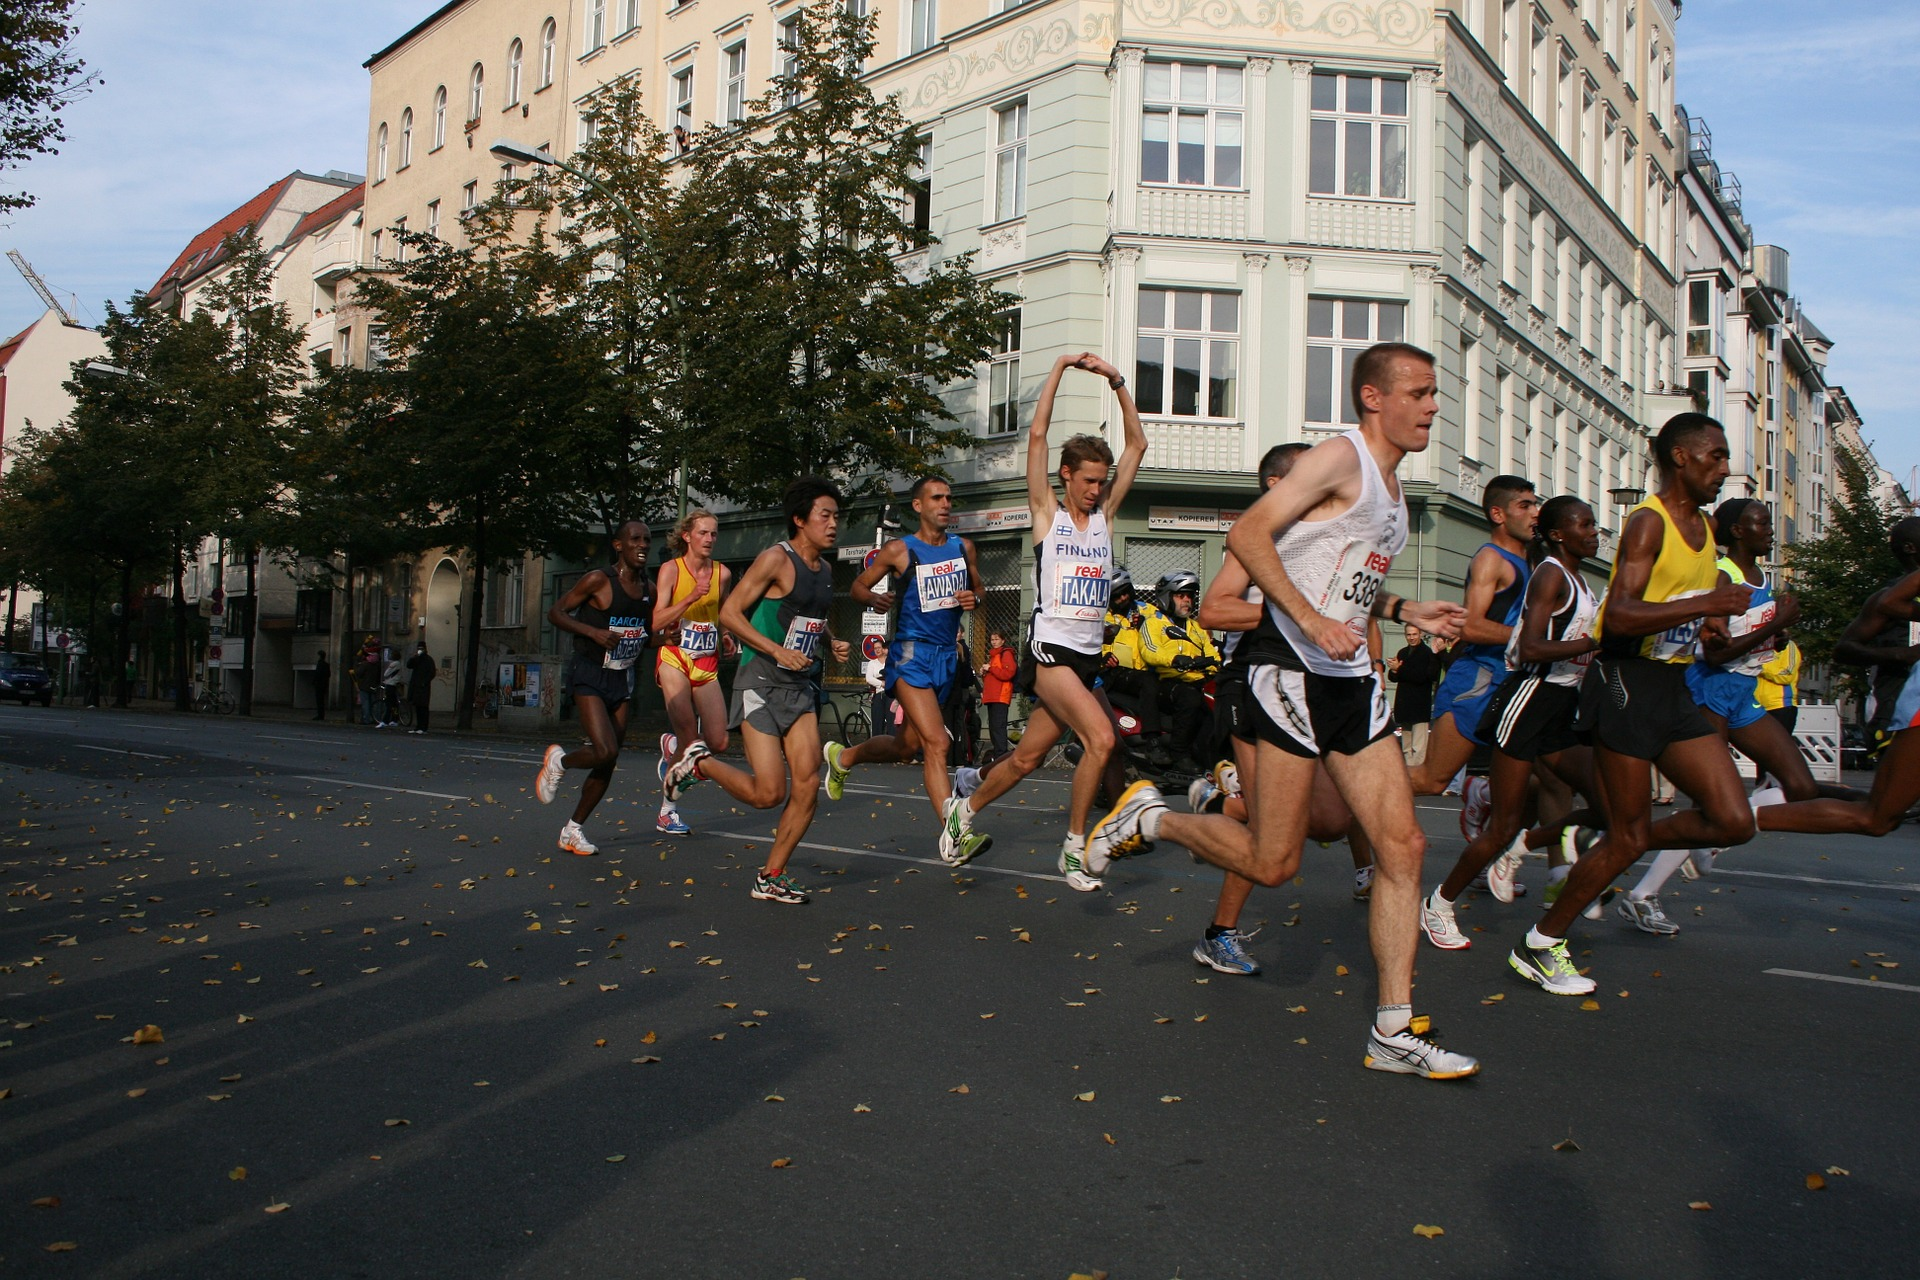 Ungenutztes Potenzial im Übermaß: Sportstadt Berlin